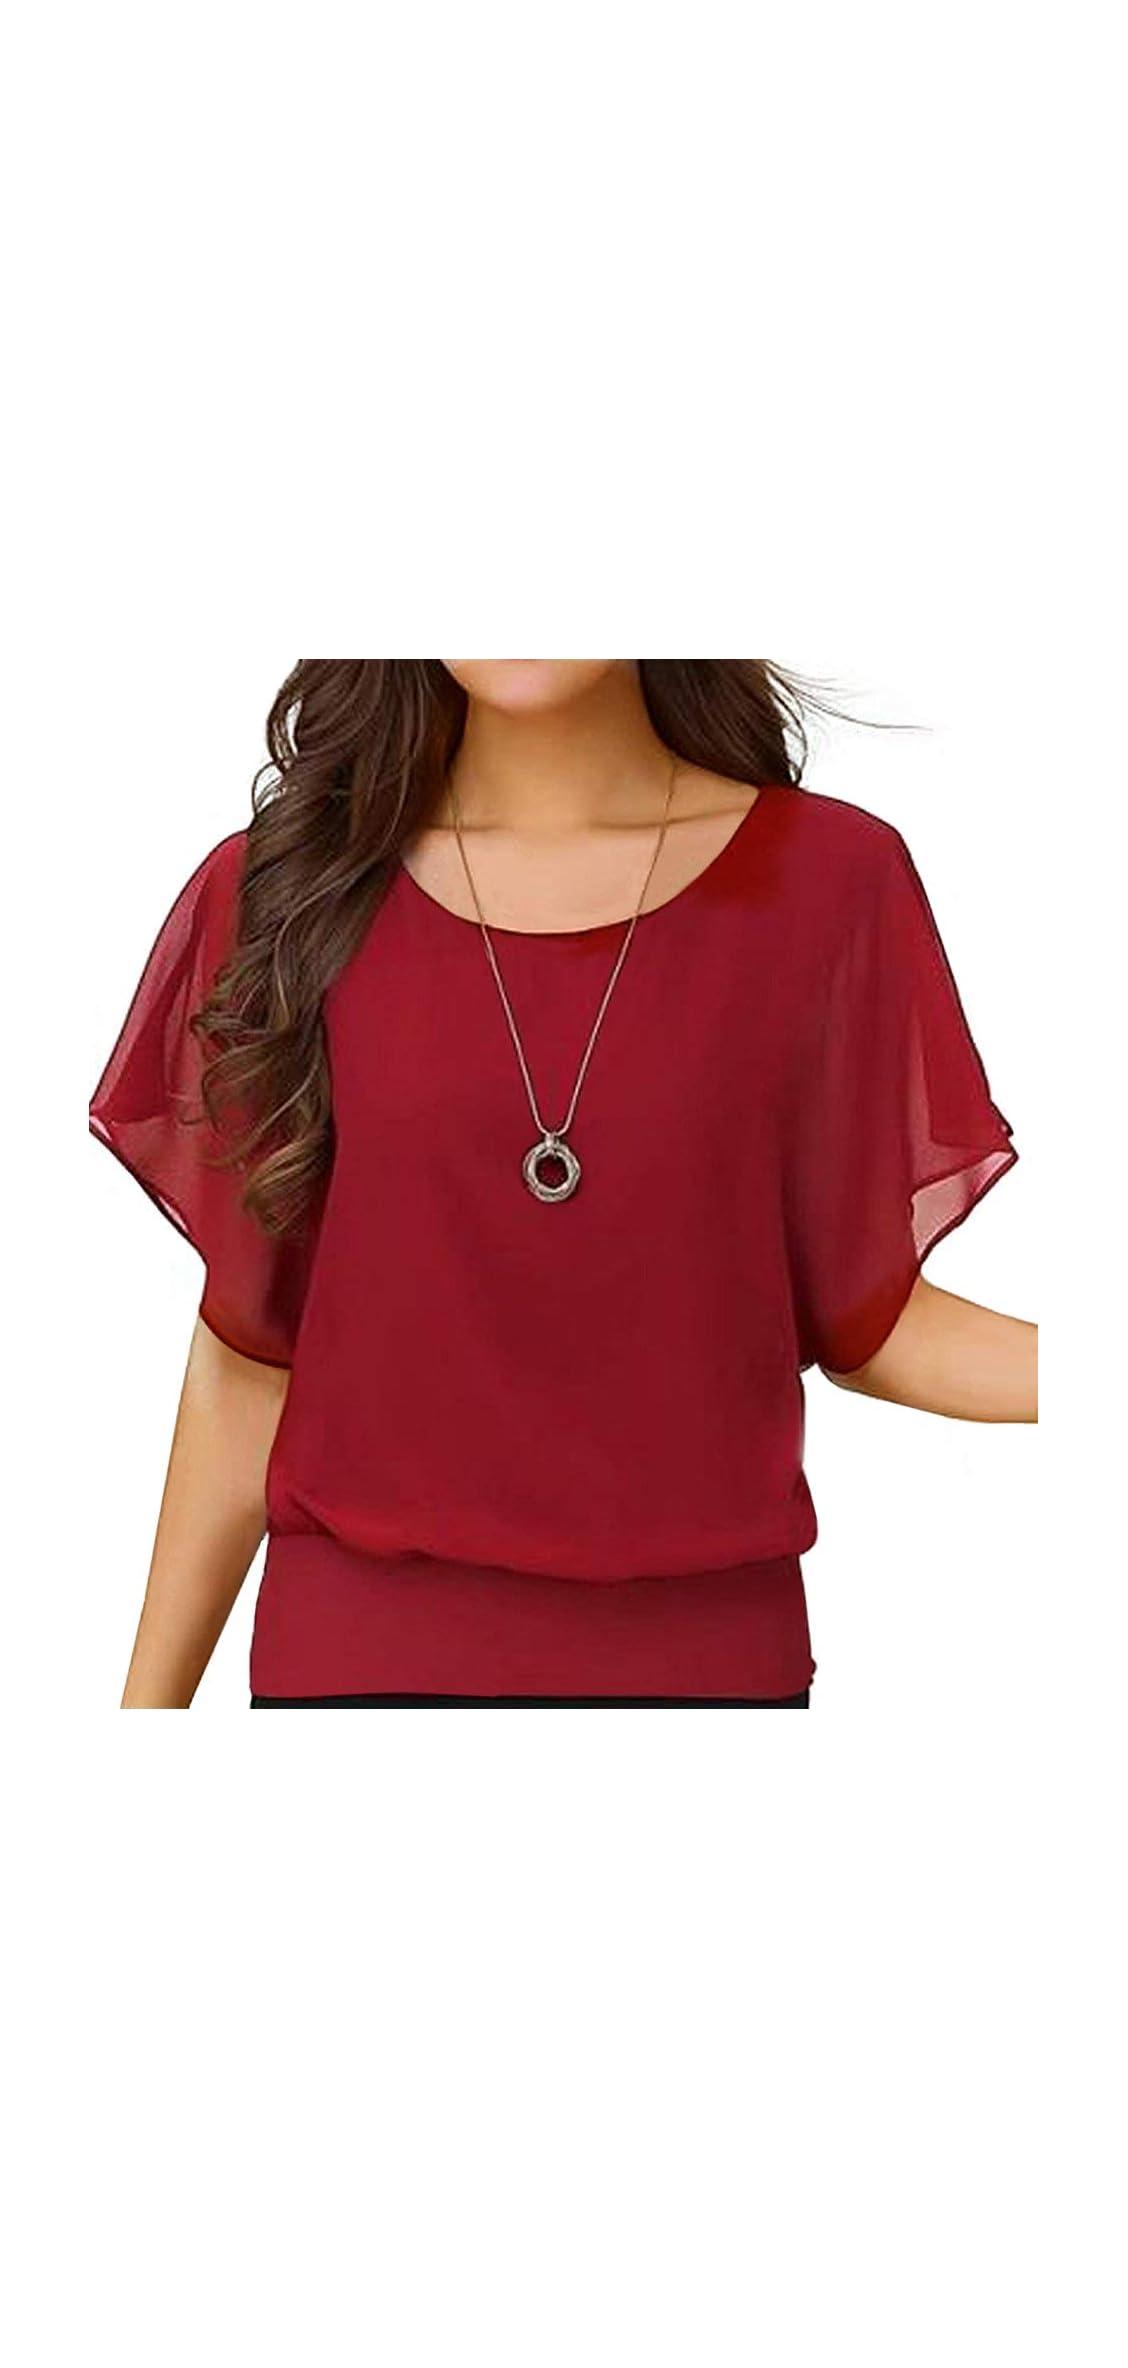 Women's Loose Casual Short Sleeve Chiffon Top T-shirt